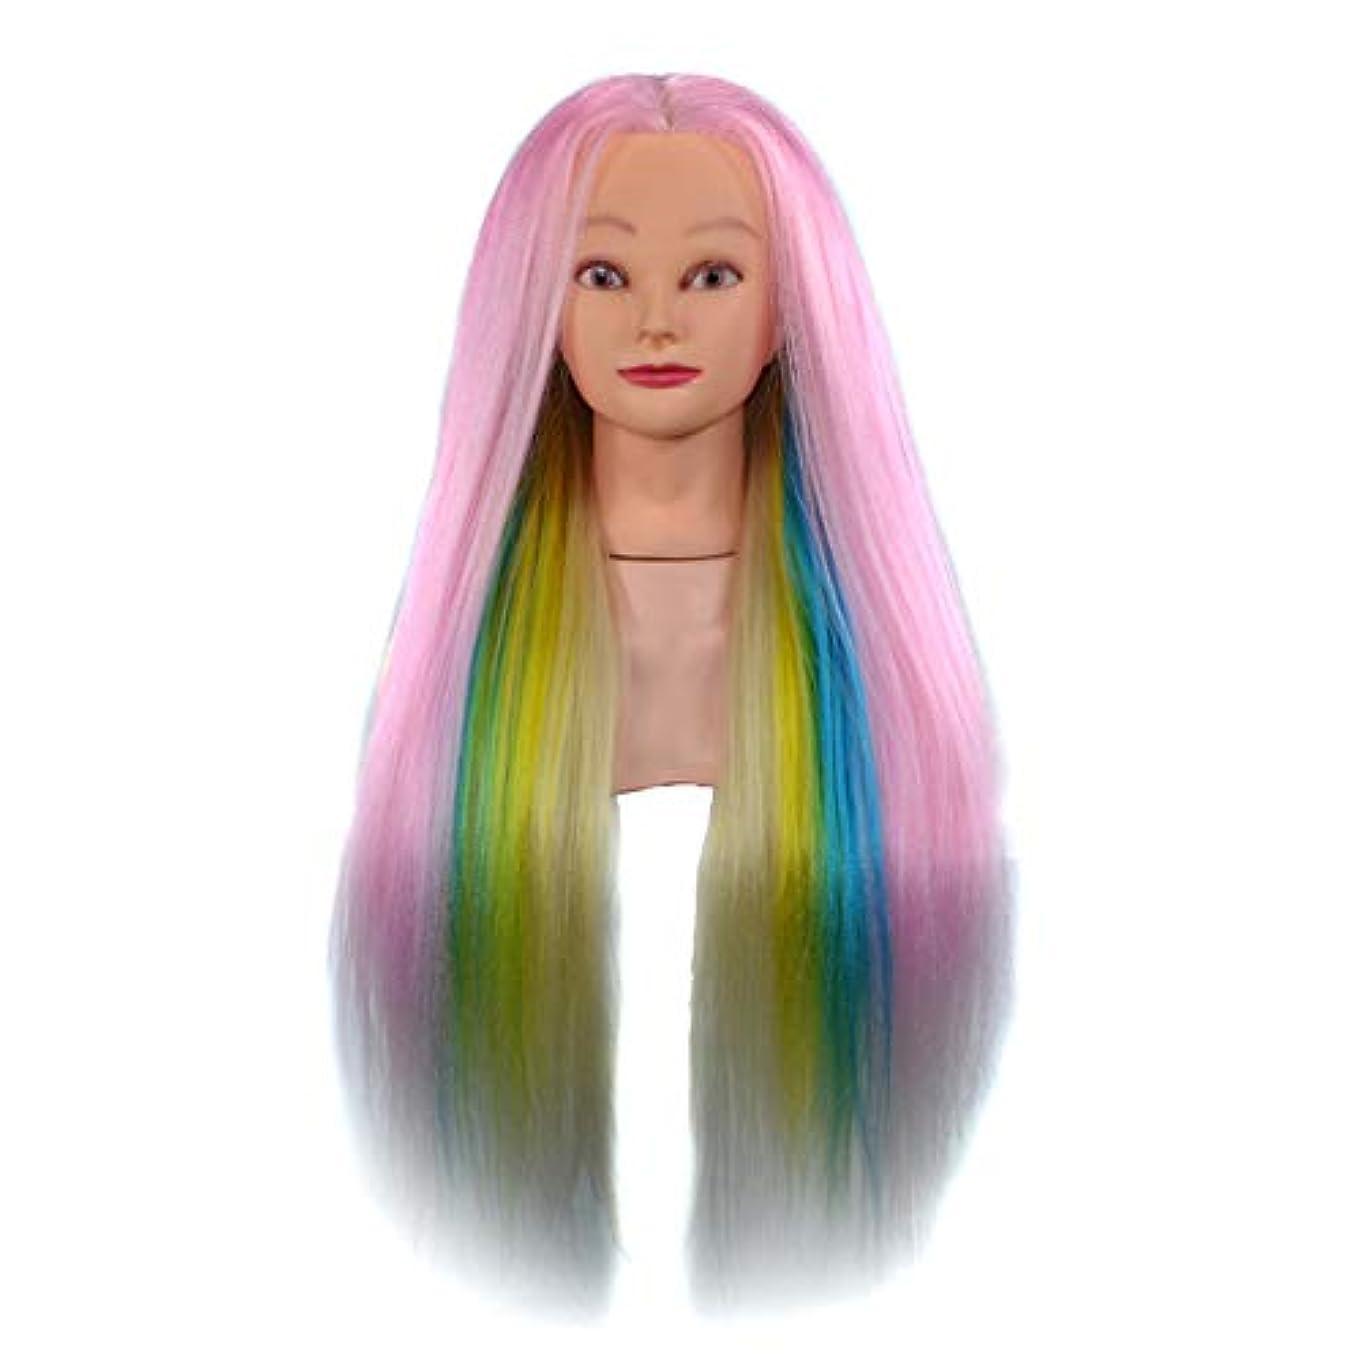 不屈宮殿うめき高温ワイヤー矯正スタイリング切断マネキンヘッドトレーニングヘッド理髪マネキン人形ヘッドでクランプ